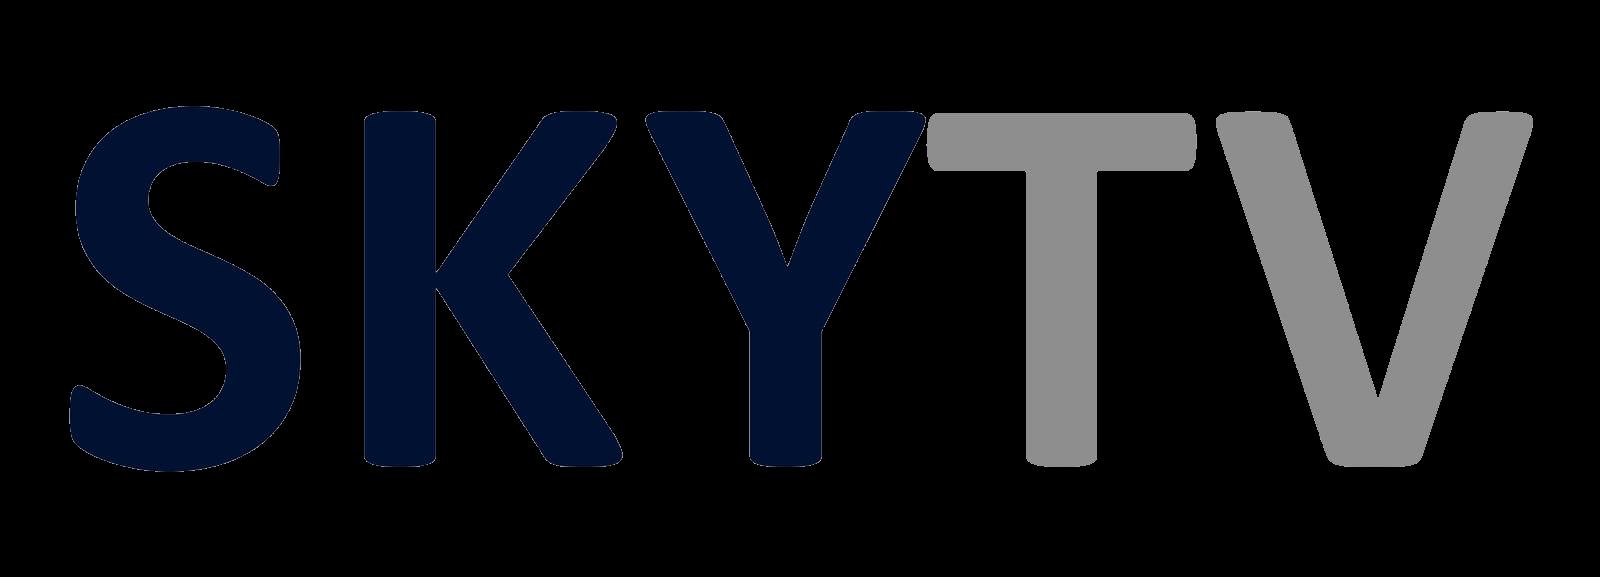 SKYTV Logo